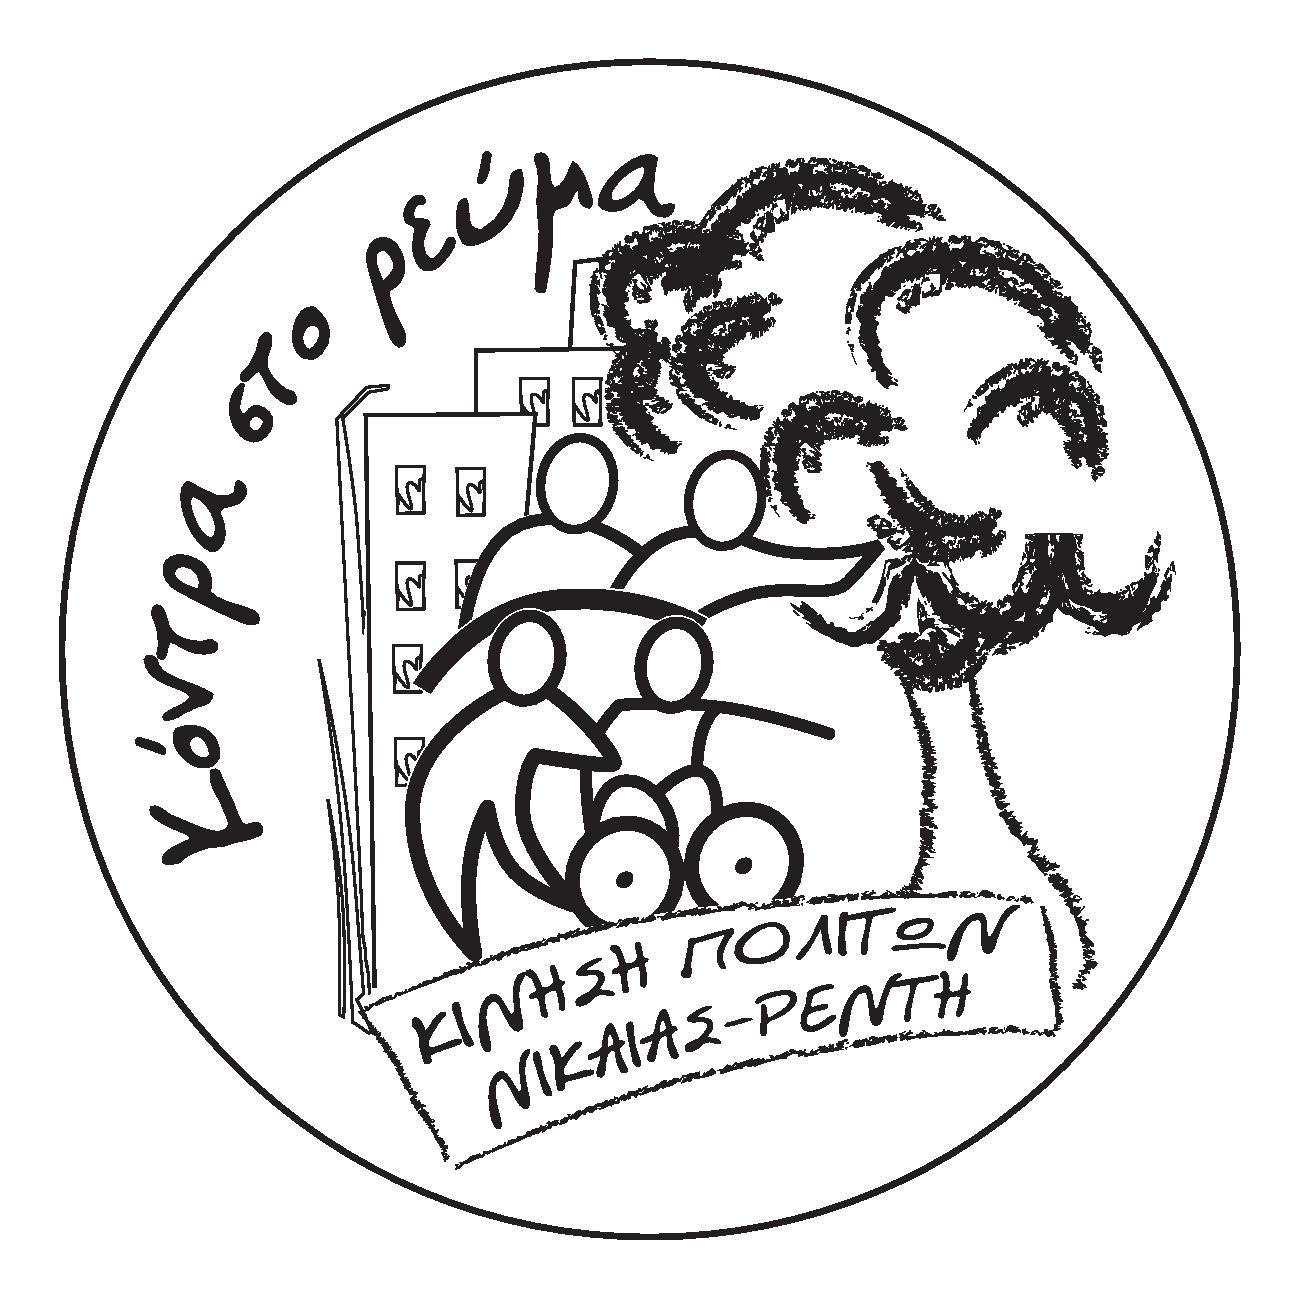 Καταγγελία της Κίνησης Πολιτών Νίκαιας-Ρέντη «Κόντρα στο Ρεύμα».